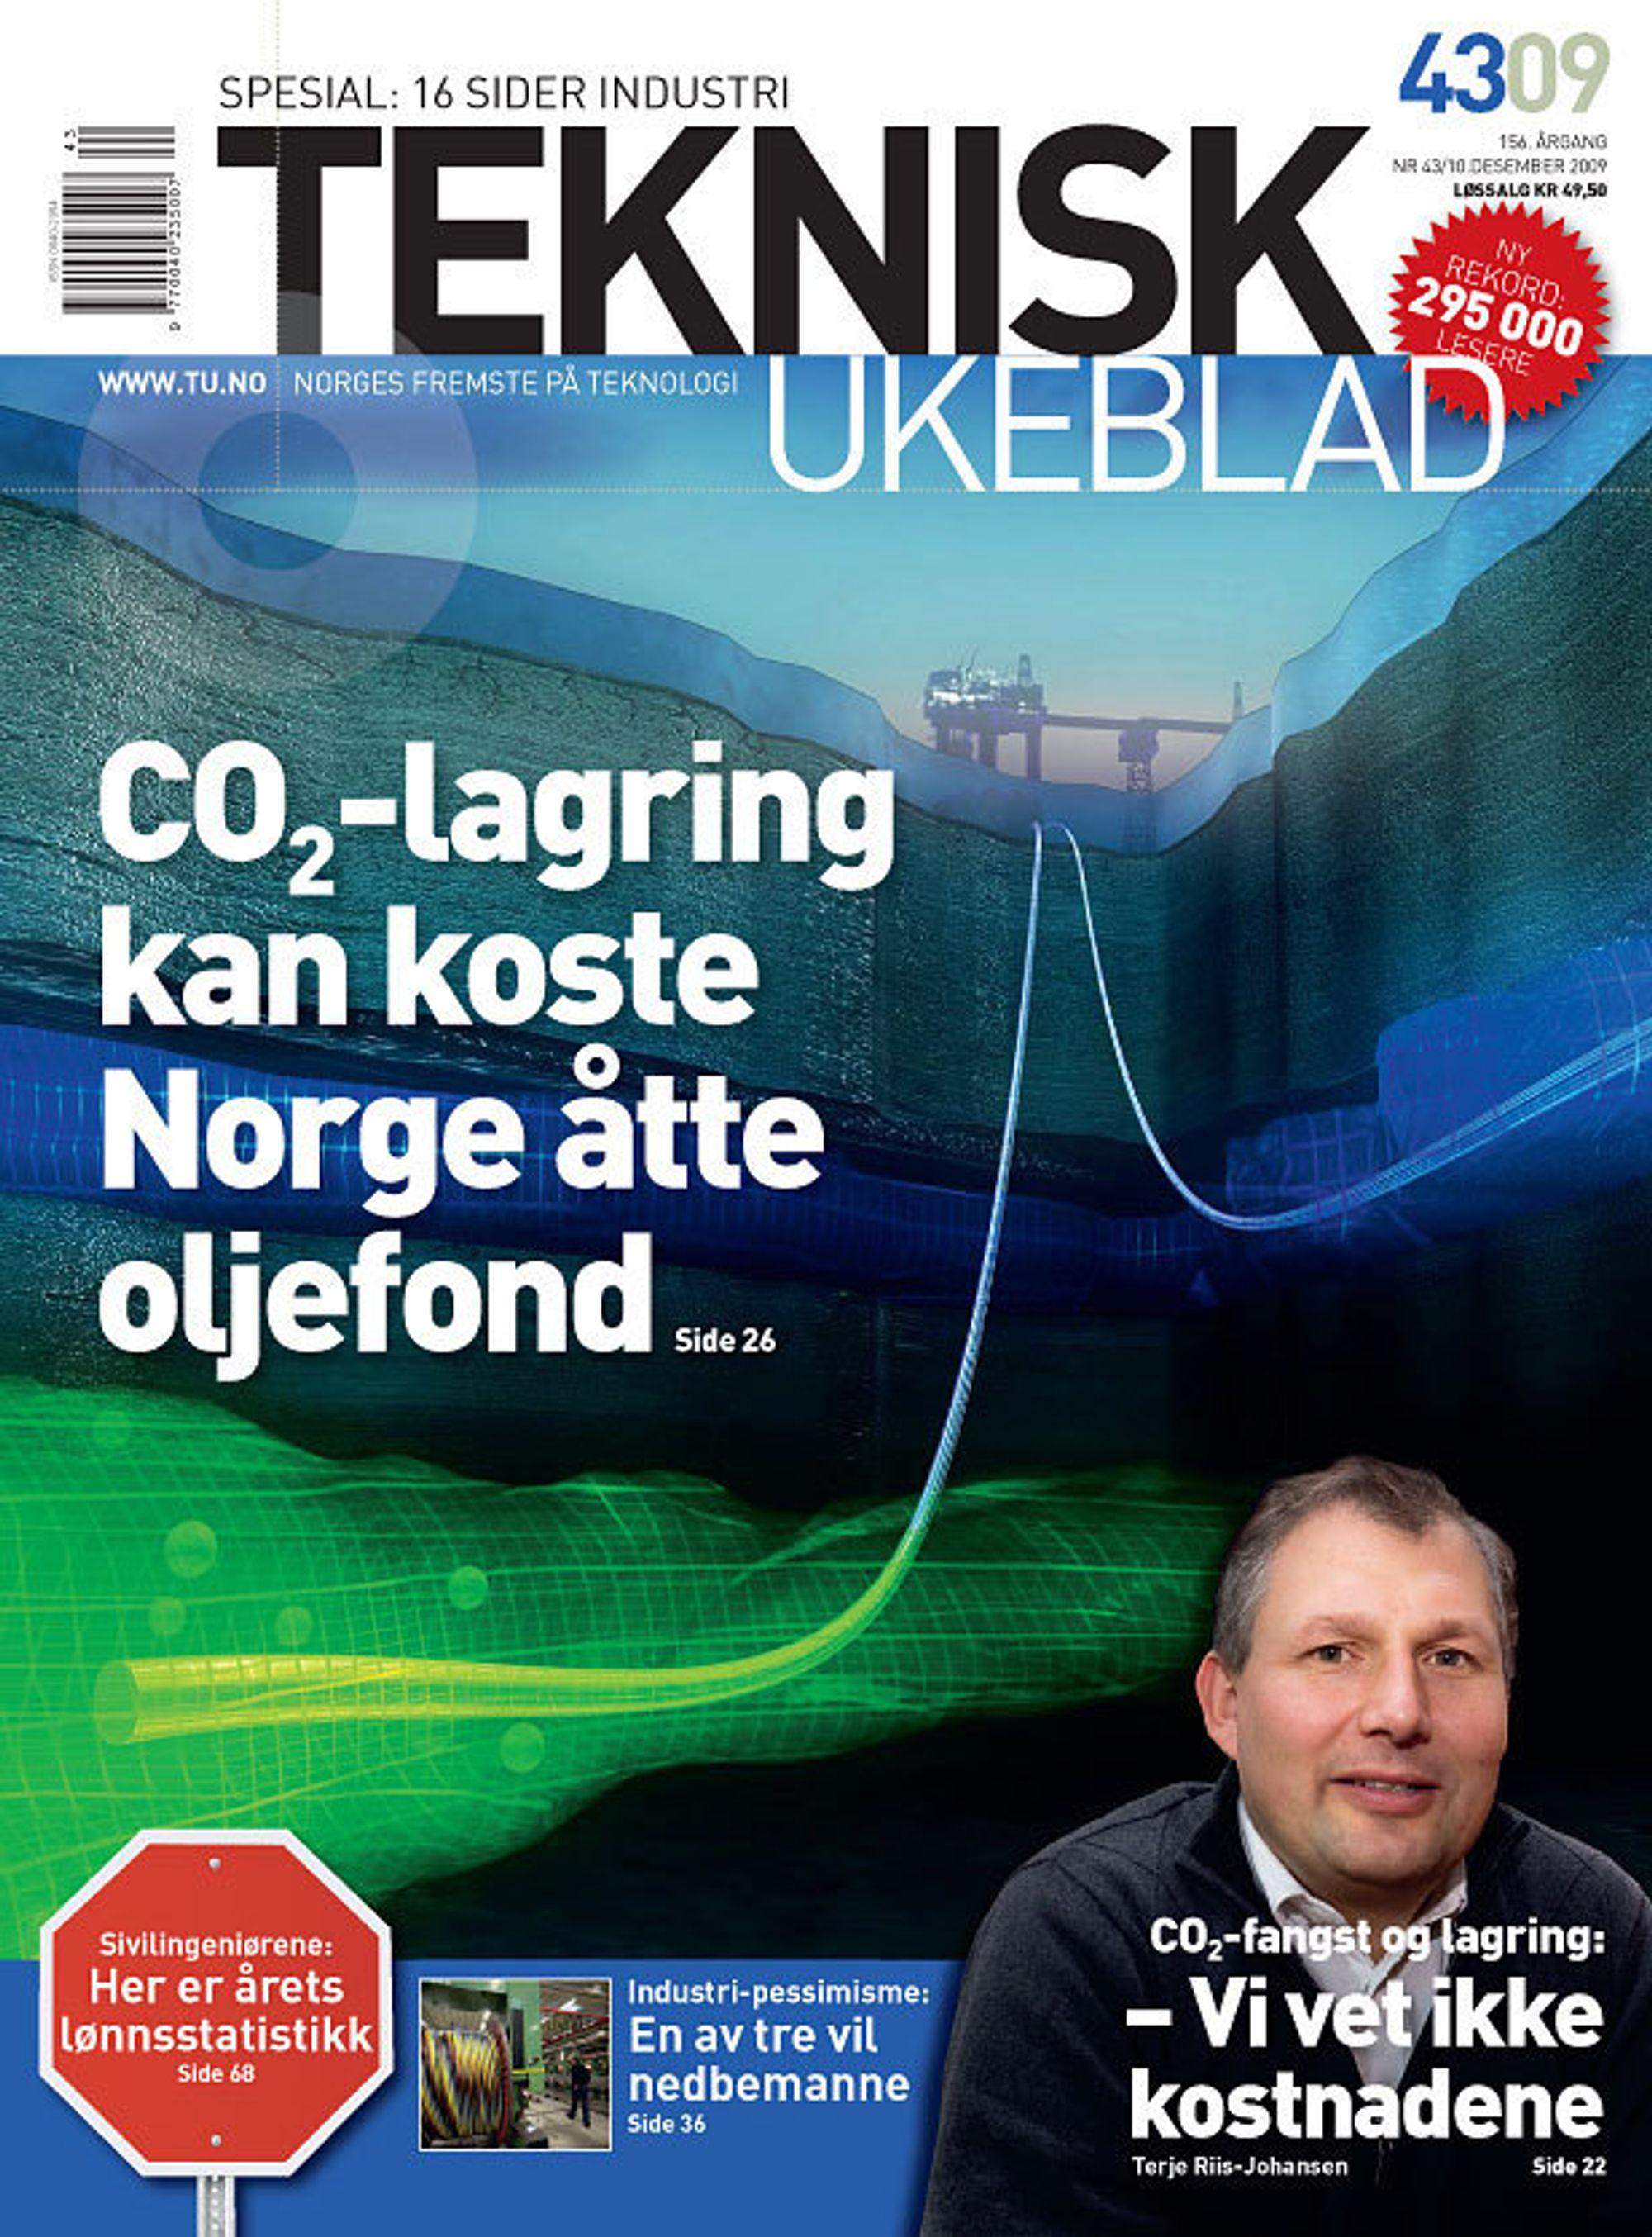 Teknisk Ukeblad - 4309